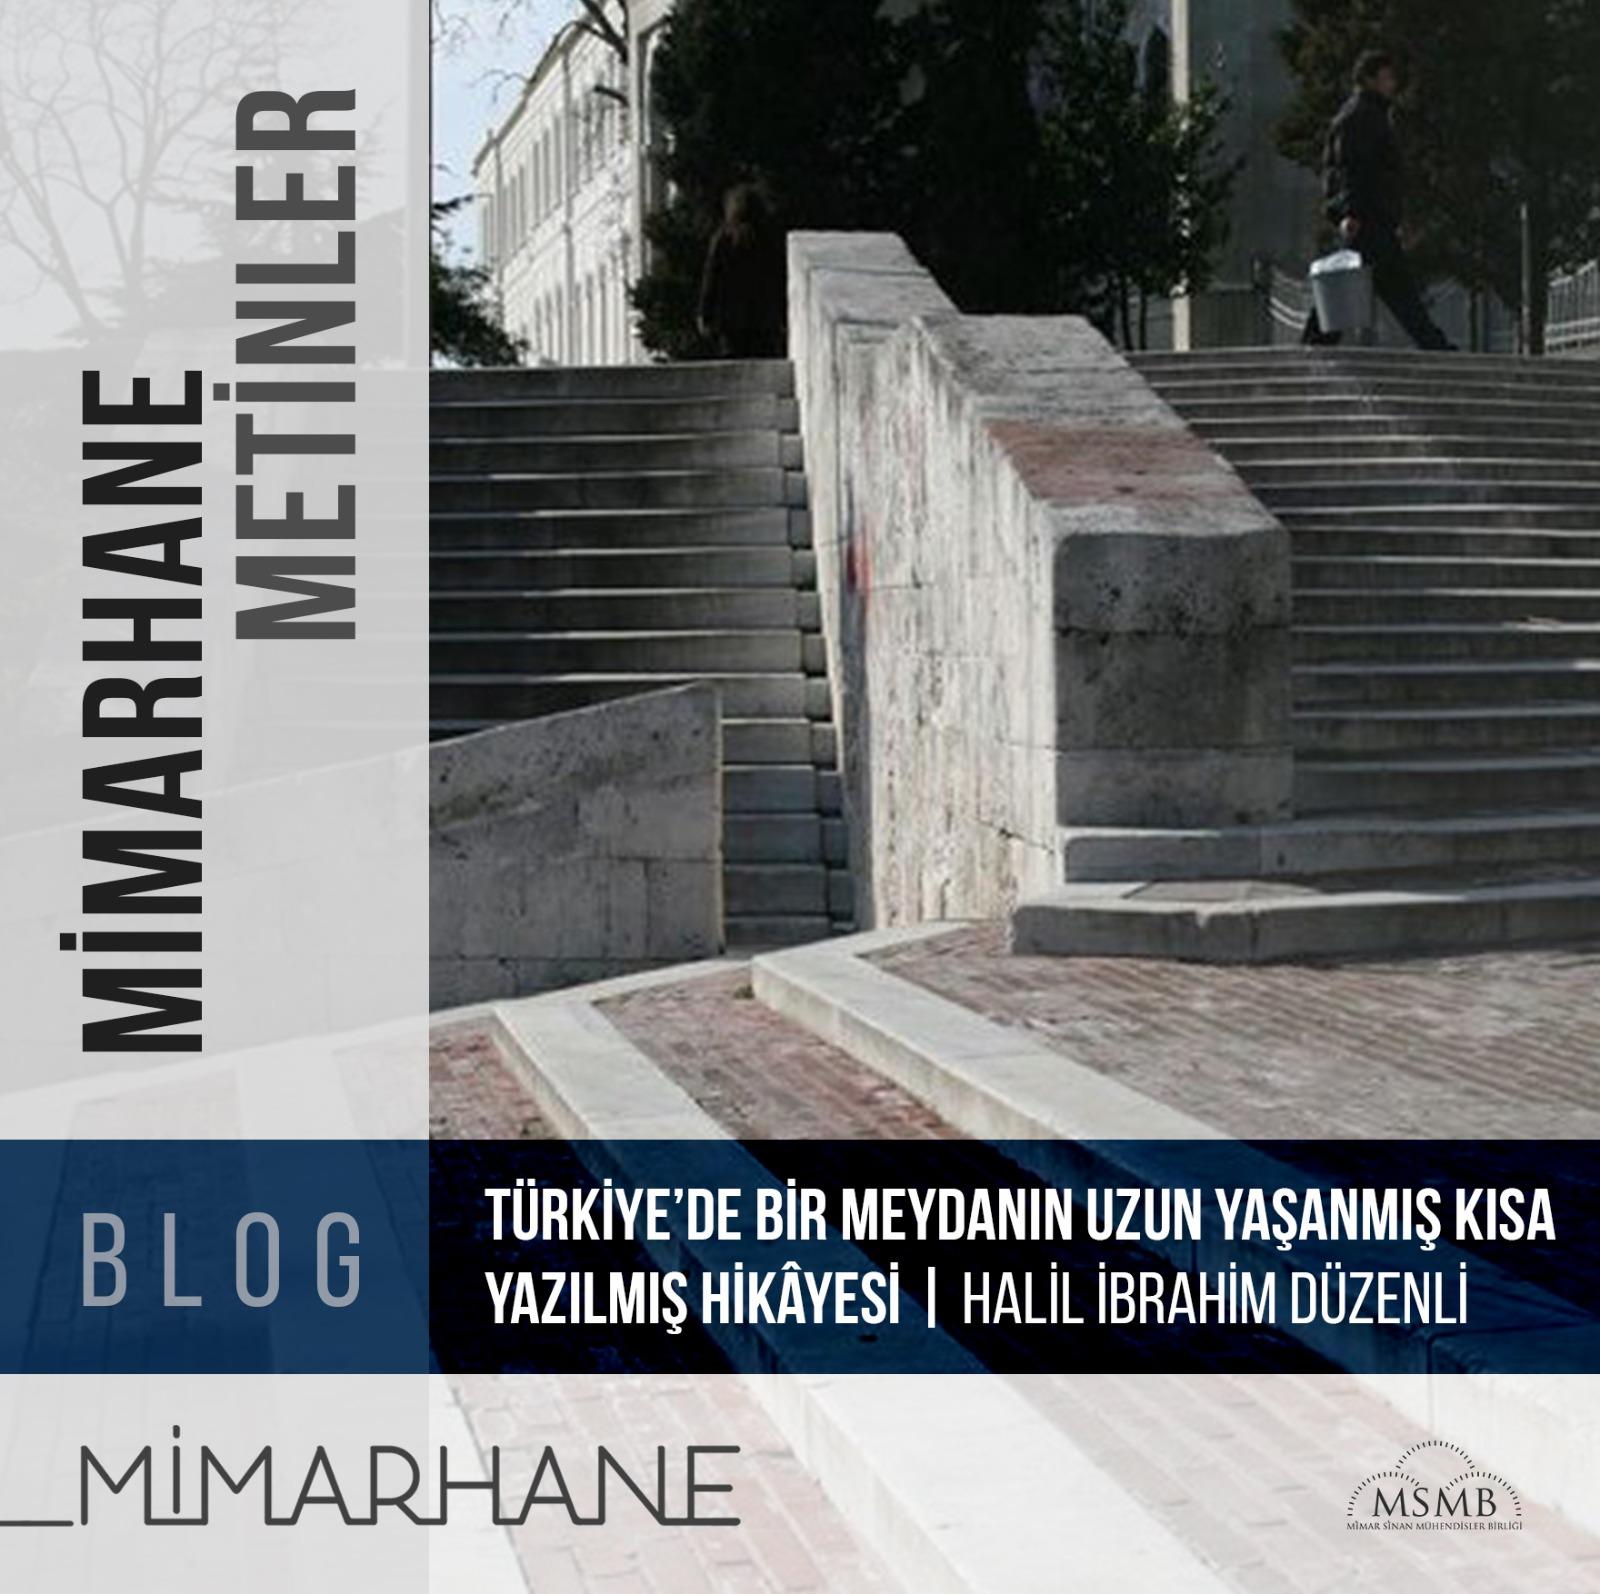 Türkiye'de Bir Meydanın Uzun Yaşanmış Kısa Yazılmış Hikâyesi*   Halil İbrahim Düzenli